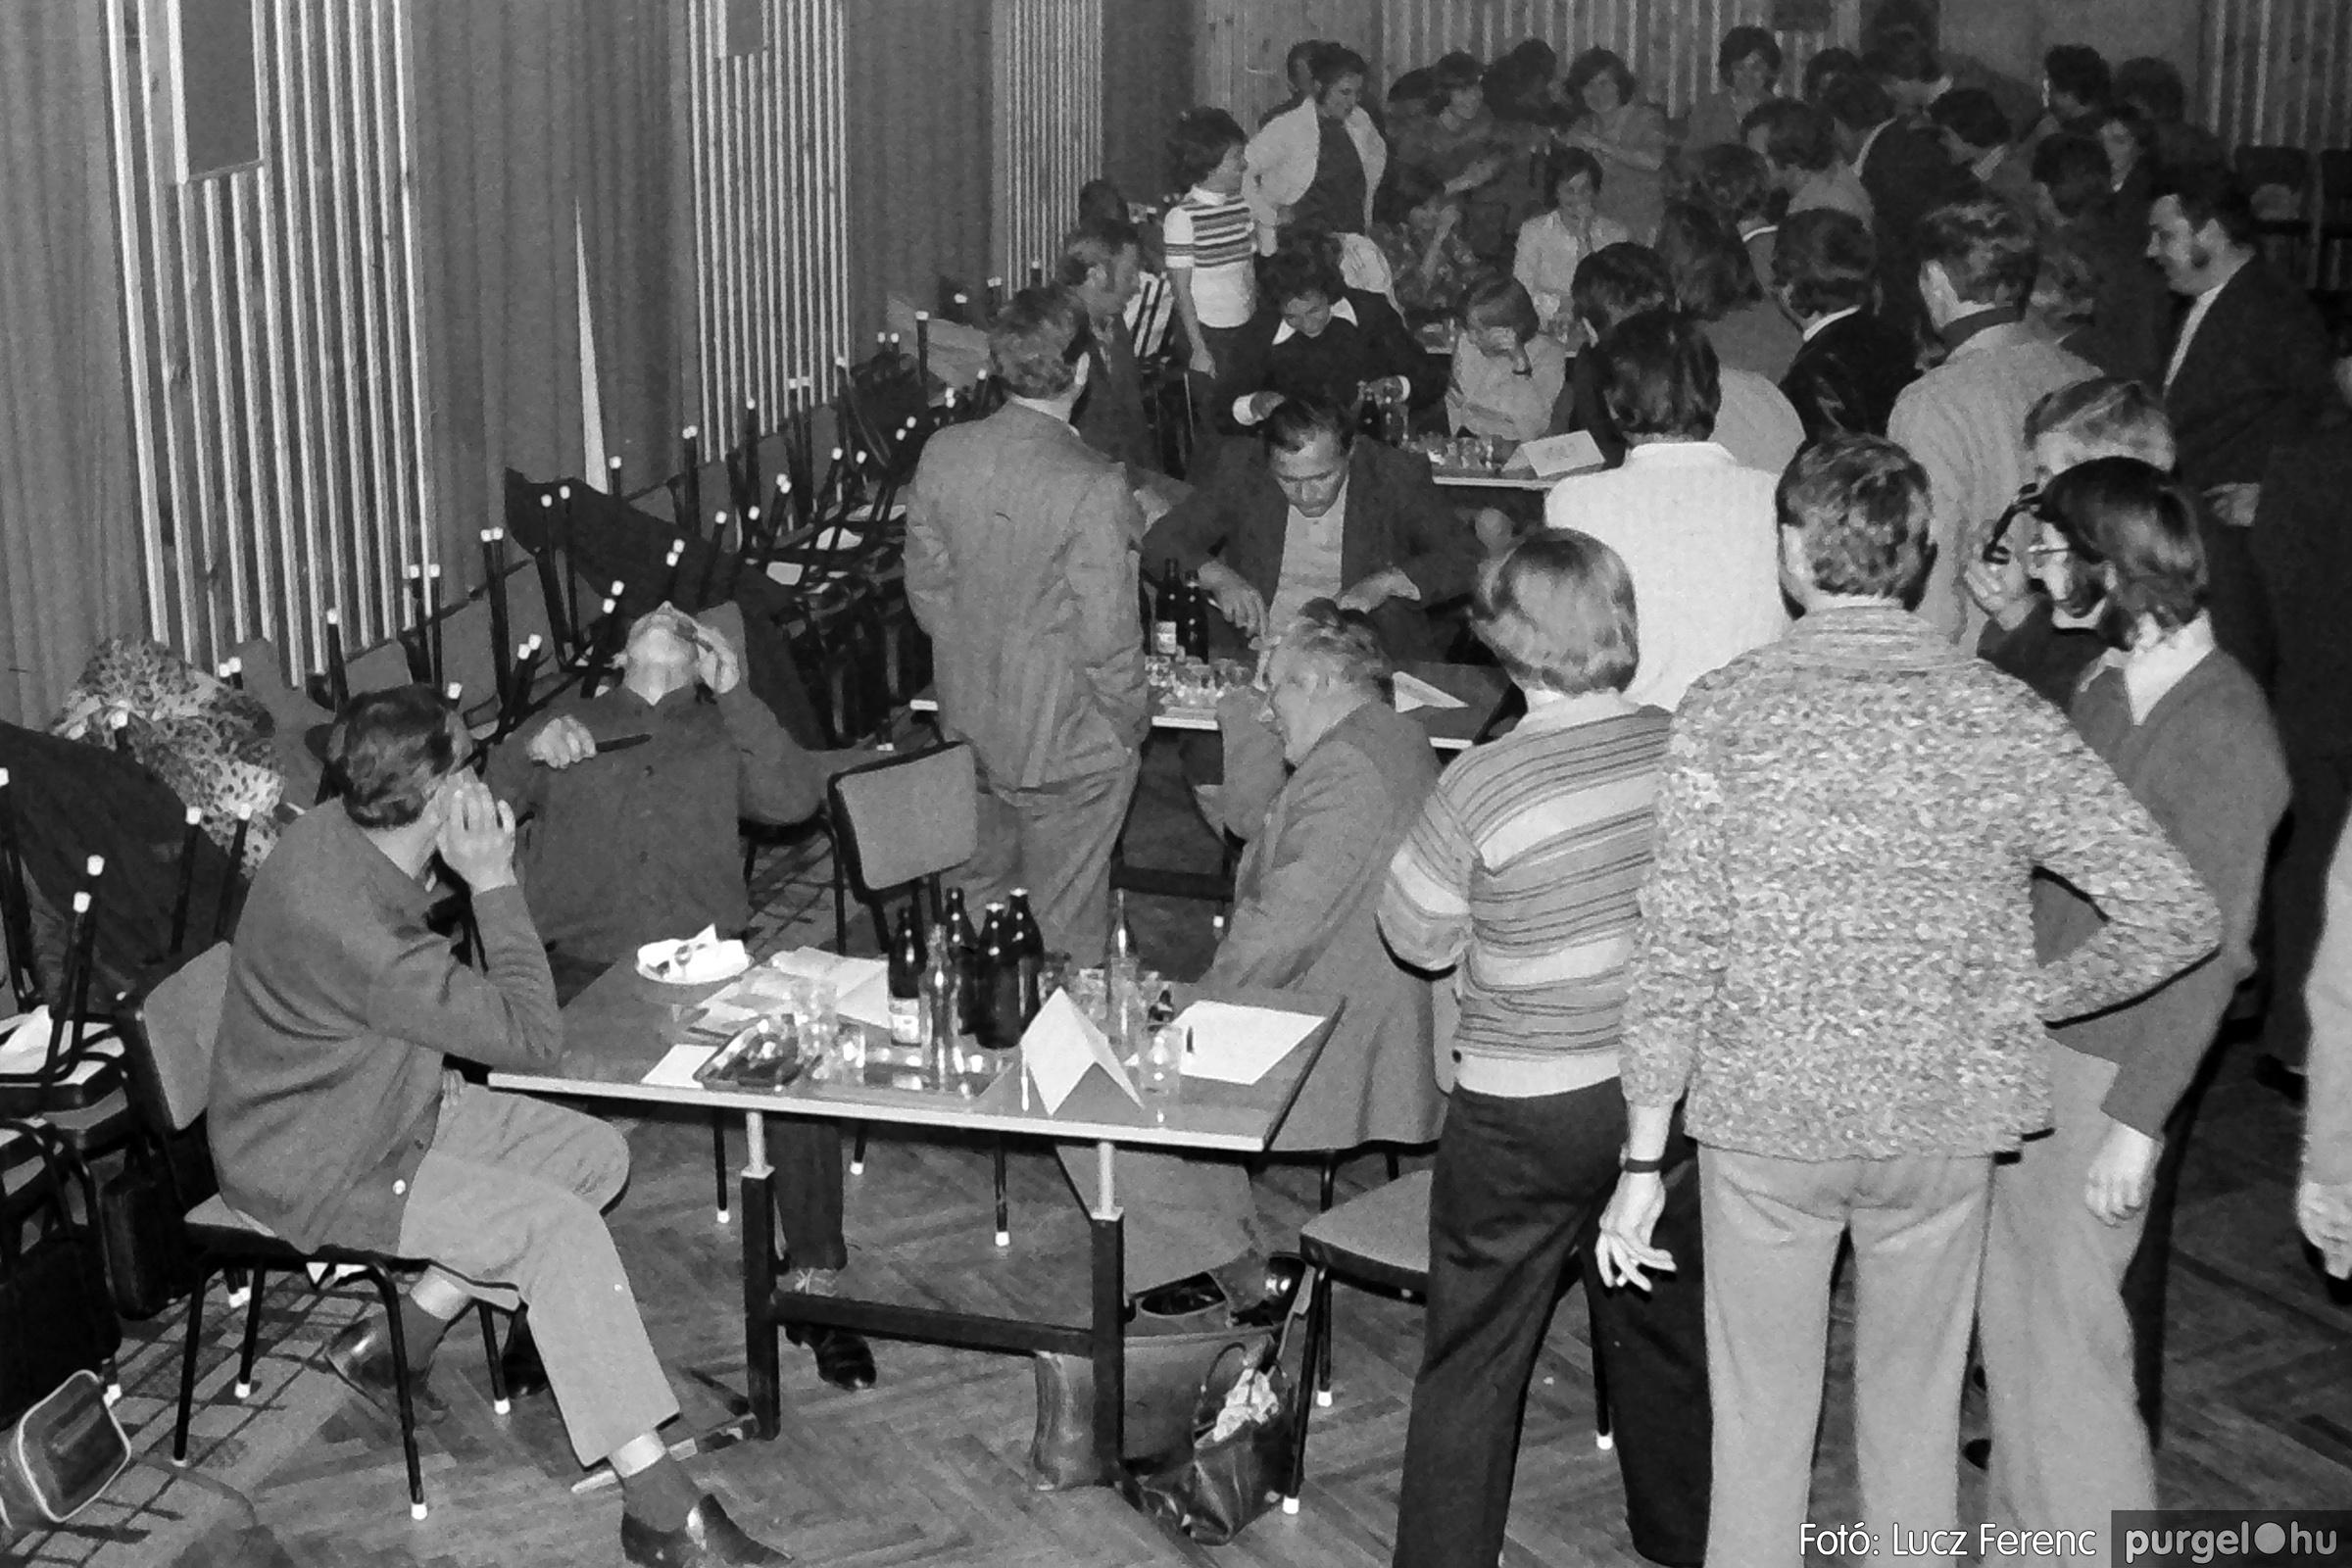 061, 063. 1976. Puskin TSZ szocialista brigádverseny 012. - Fotó: Lucz Ferenc.jpg